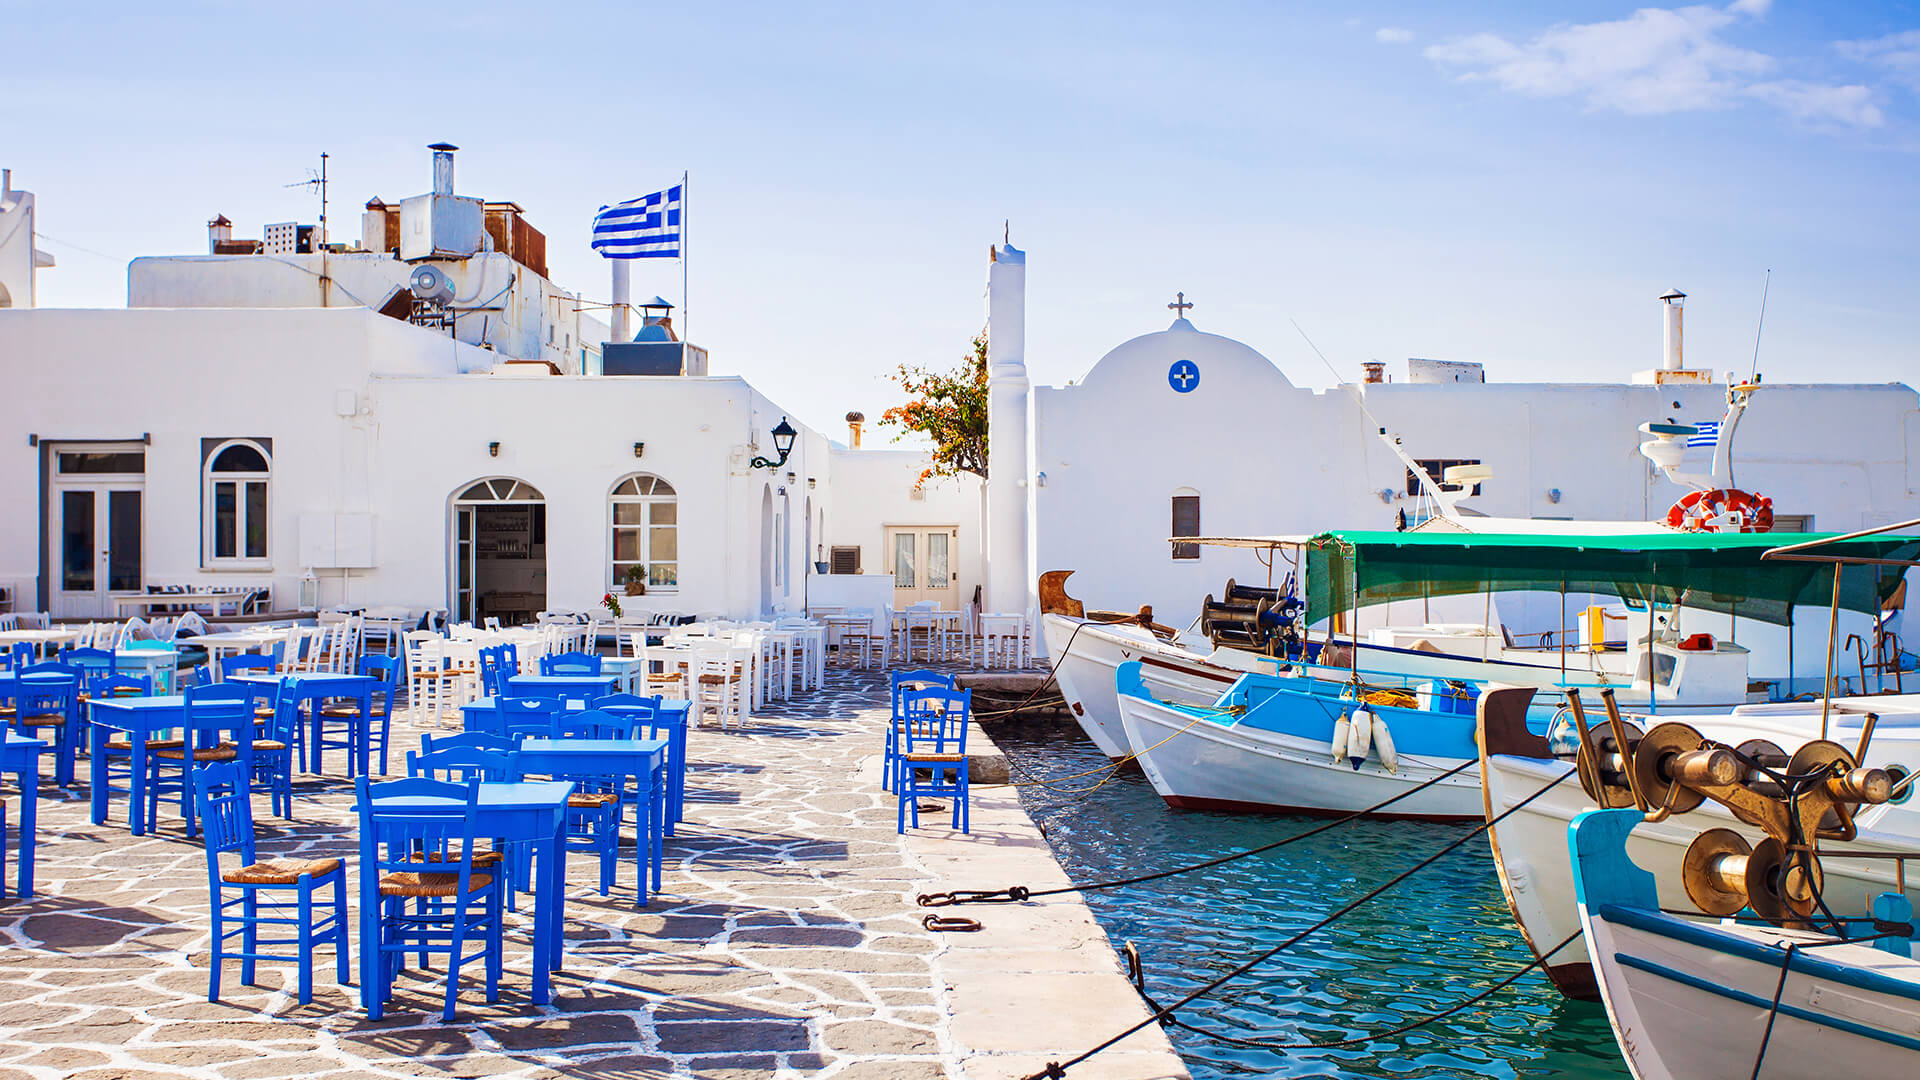 Καλοκαίρι και Πάρος   Διακοπές με την Prima Holidays στην Ελλάδα